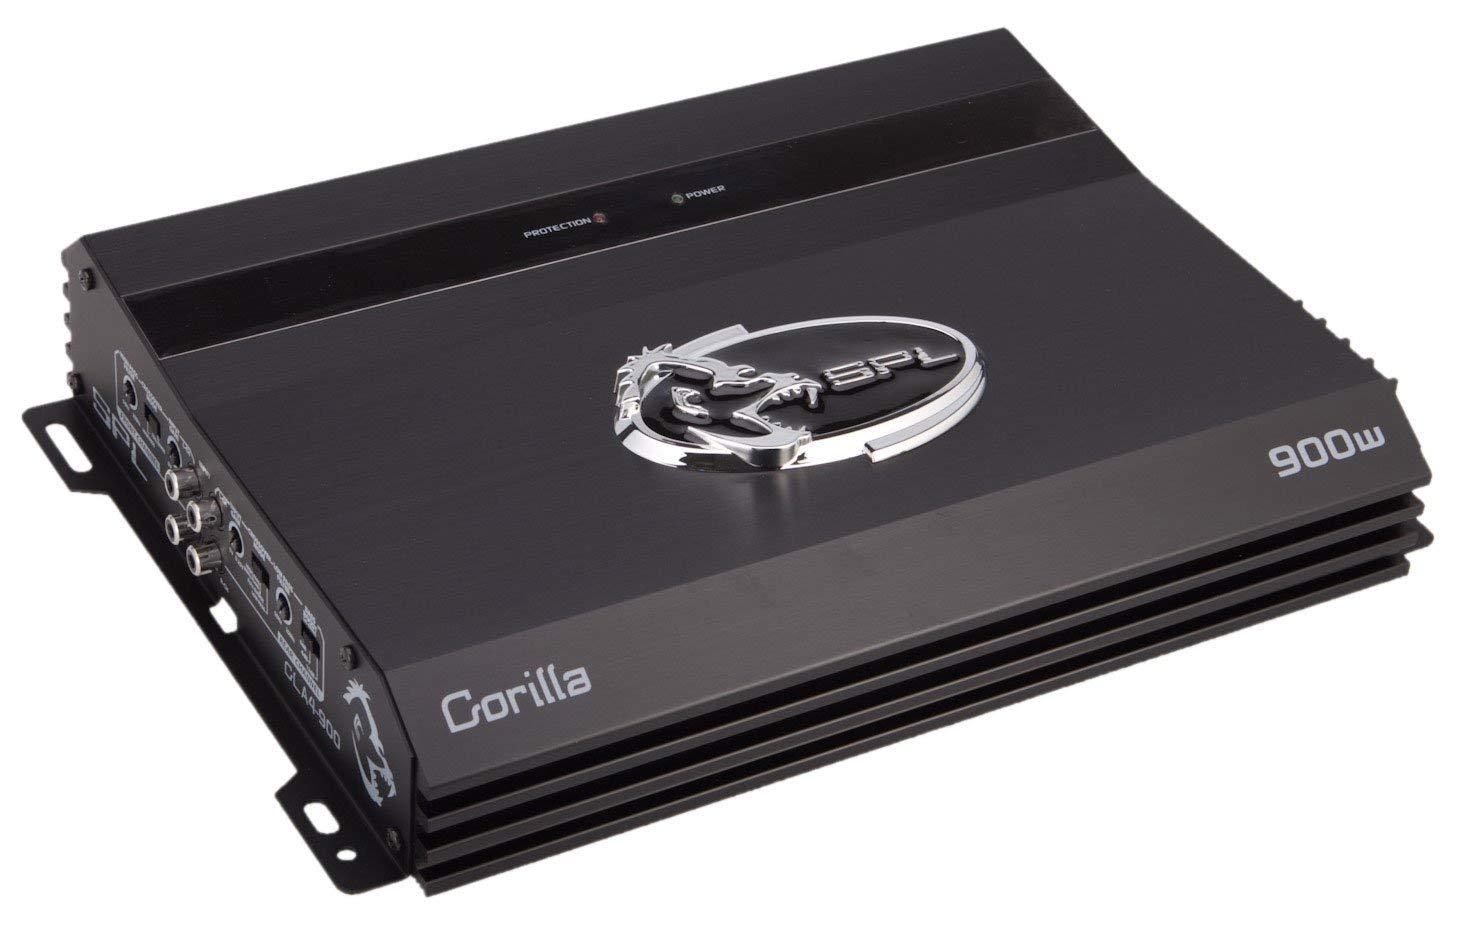 SPL Audio Gorilla GLA4-900 Car Amplifier - 4 x 80 W @ 4 Ohm - 4 x 100 W @ 2 Ohm - 900 W PMPO - 4 Channel - Class AB - Bridgeable - 100 dB SNR - 0.5% THD - 15 Hz to 20 kHz - MOSFET Power Supply - 3-way